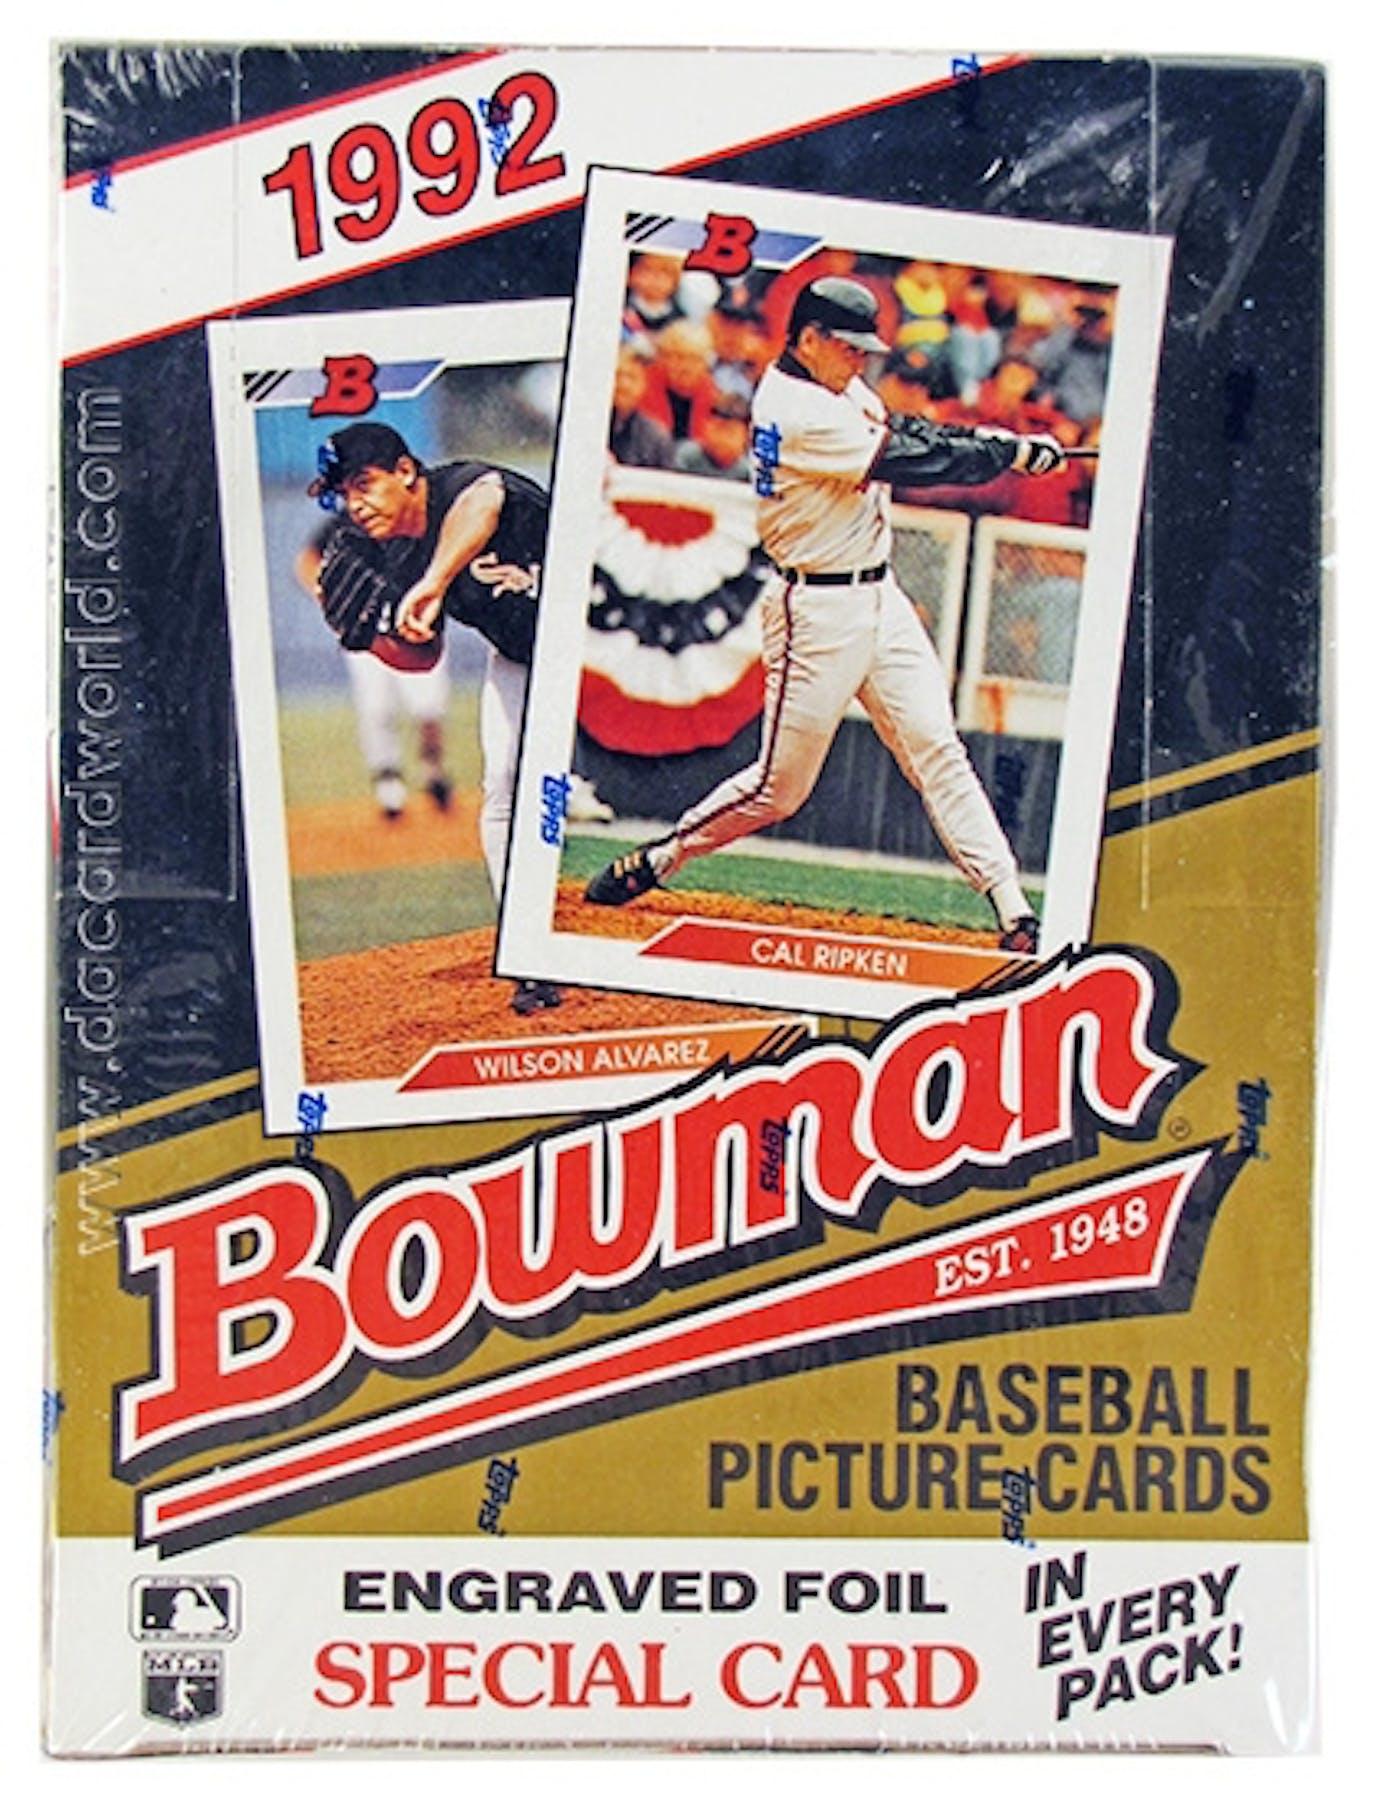 1992 Bowman Baseball Hobby Wax Box Da Card World